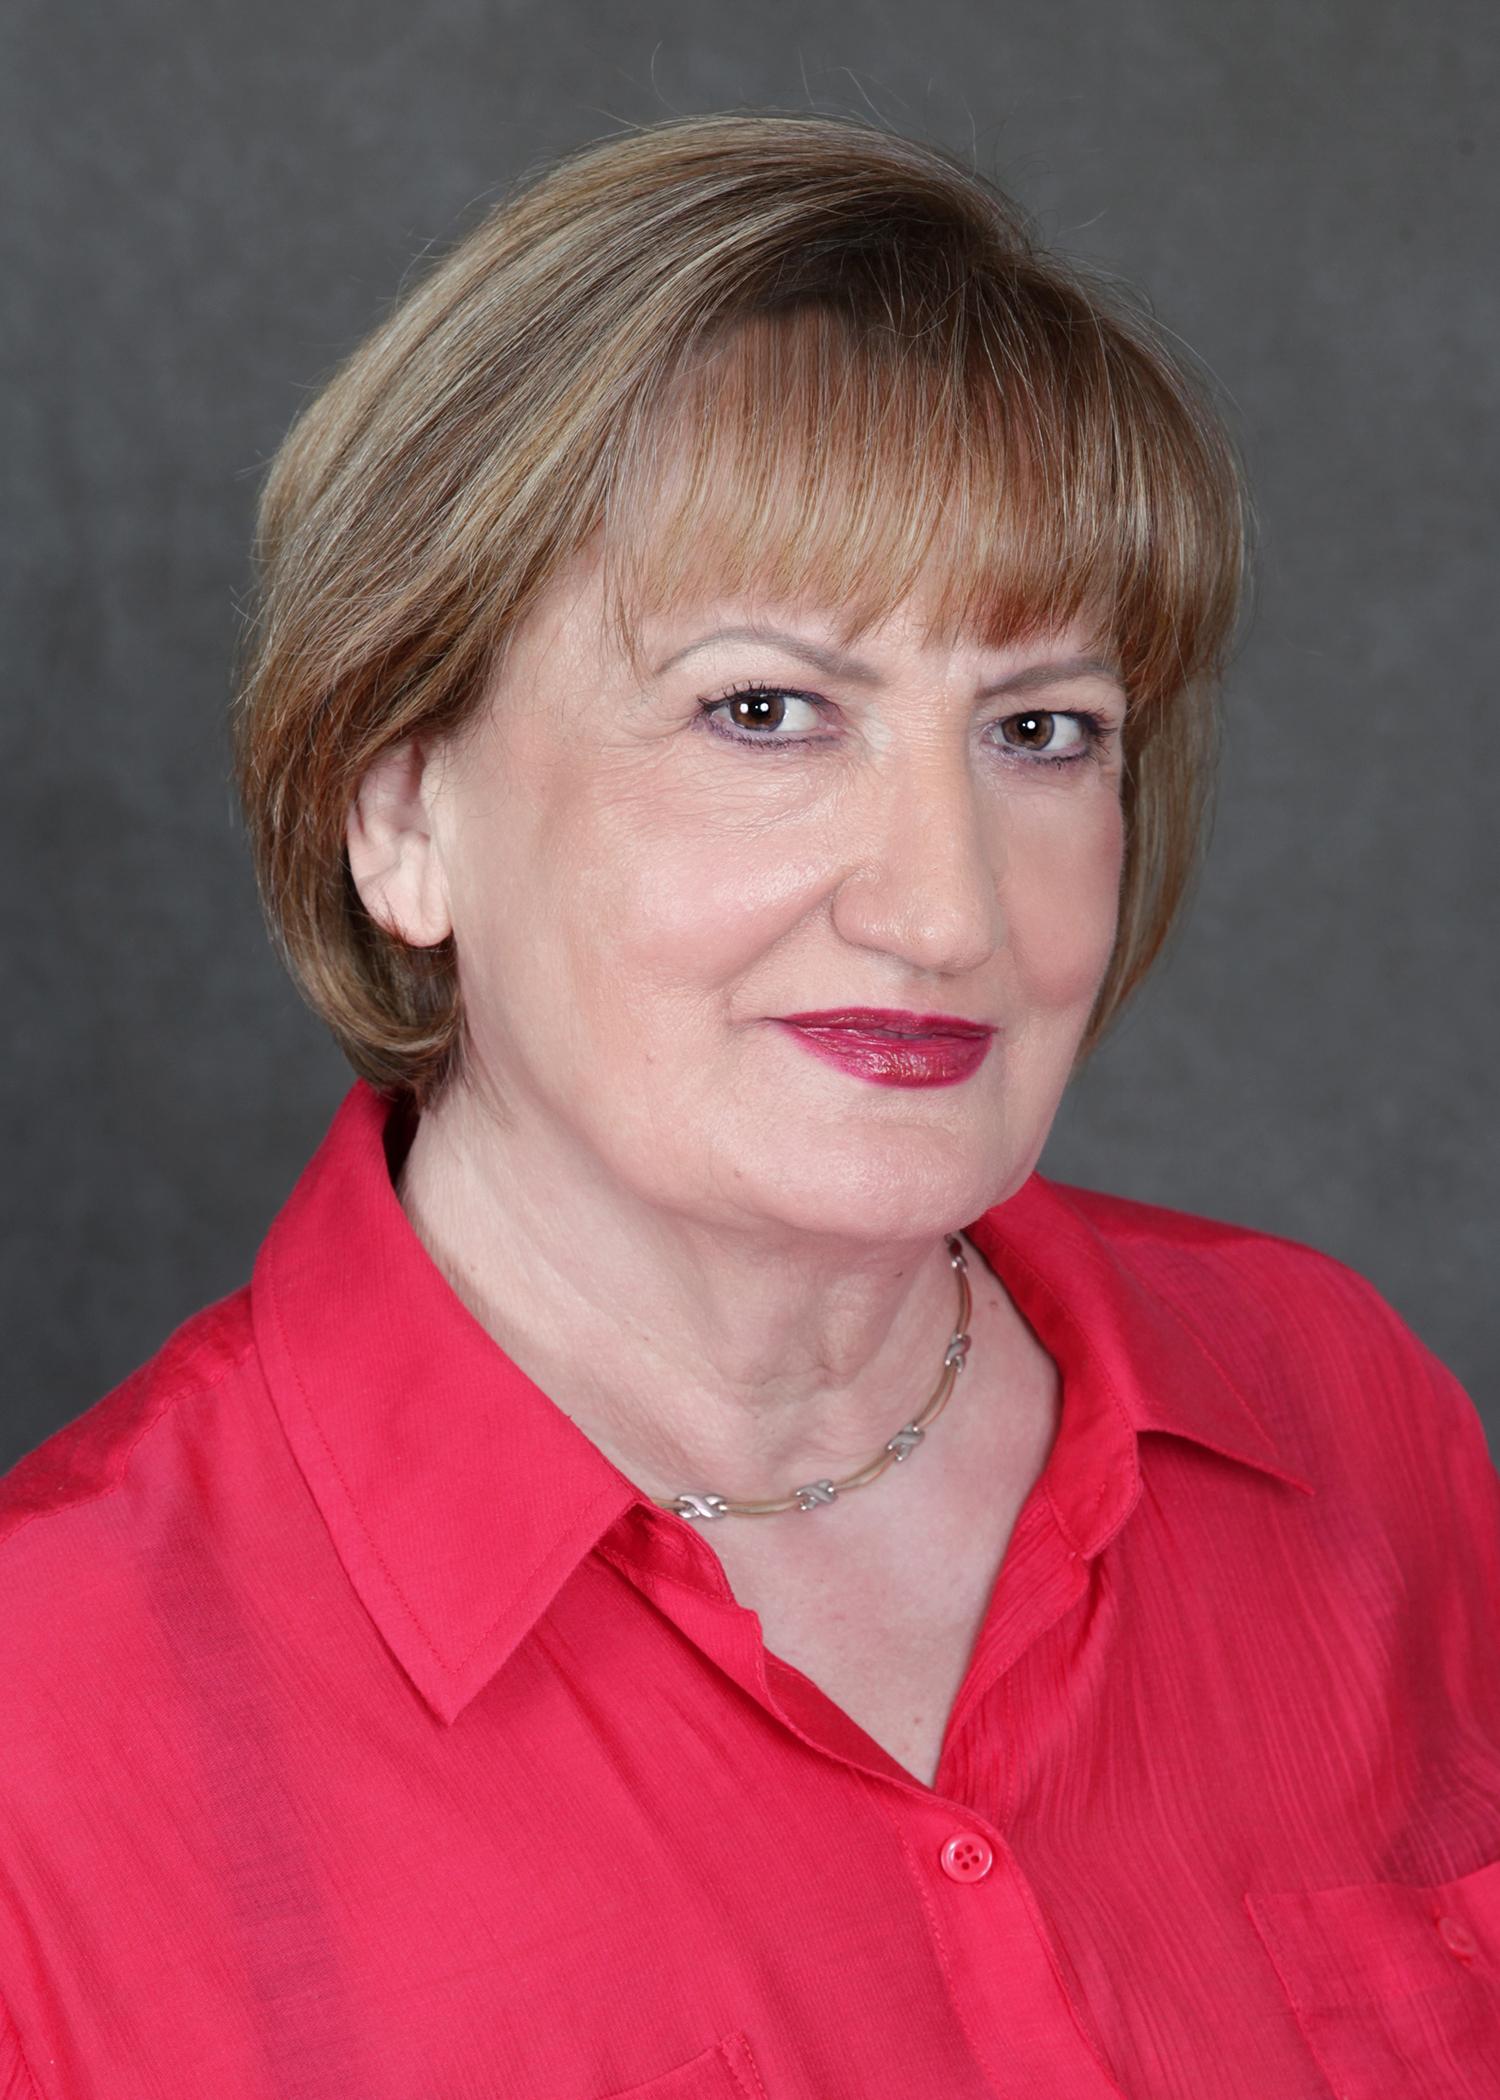 Paola Sram Baric